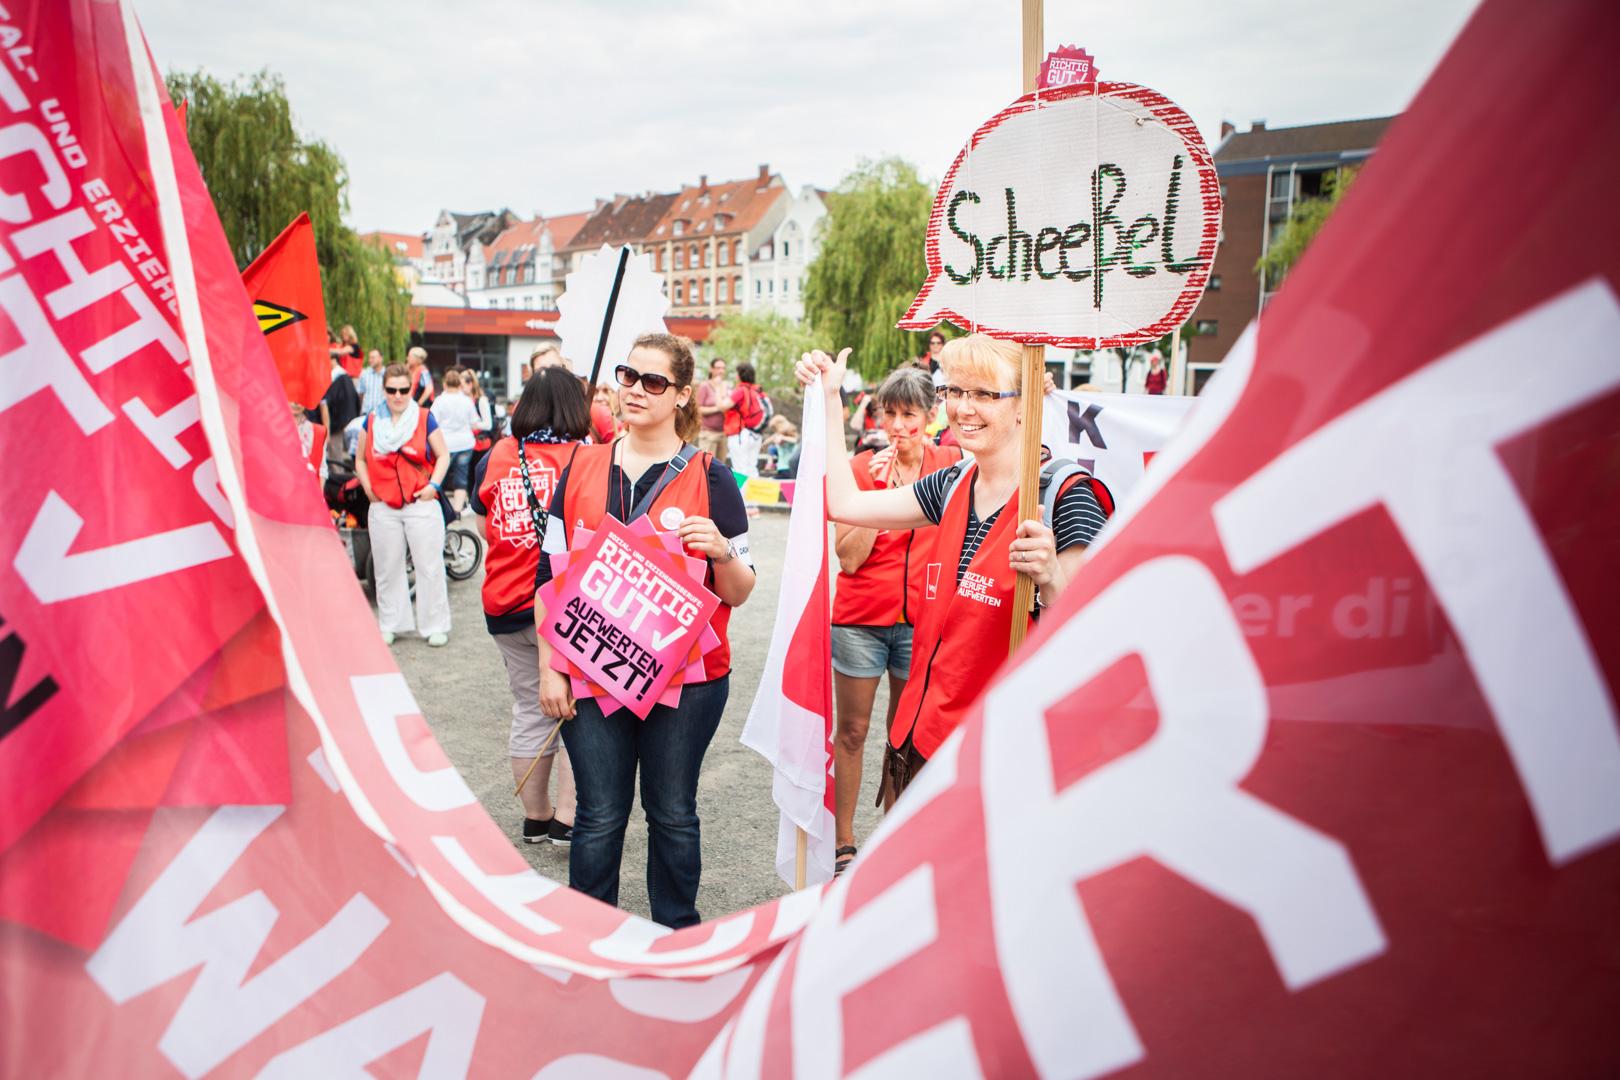 Solidarität mit den Beschäftigten im Sozial- und Erziehungsdienst! Solidaritäts-Demo und -Kundgebung